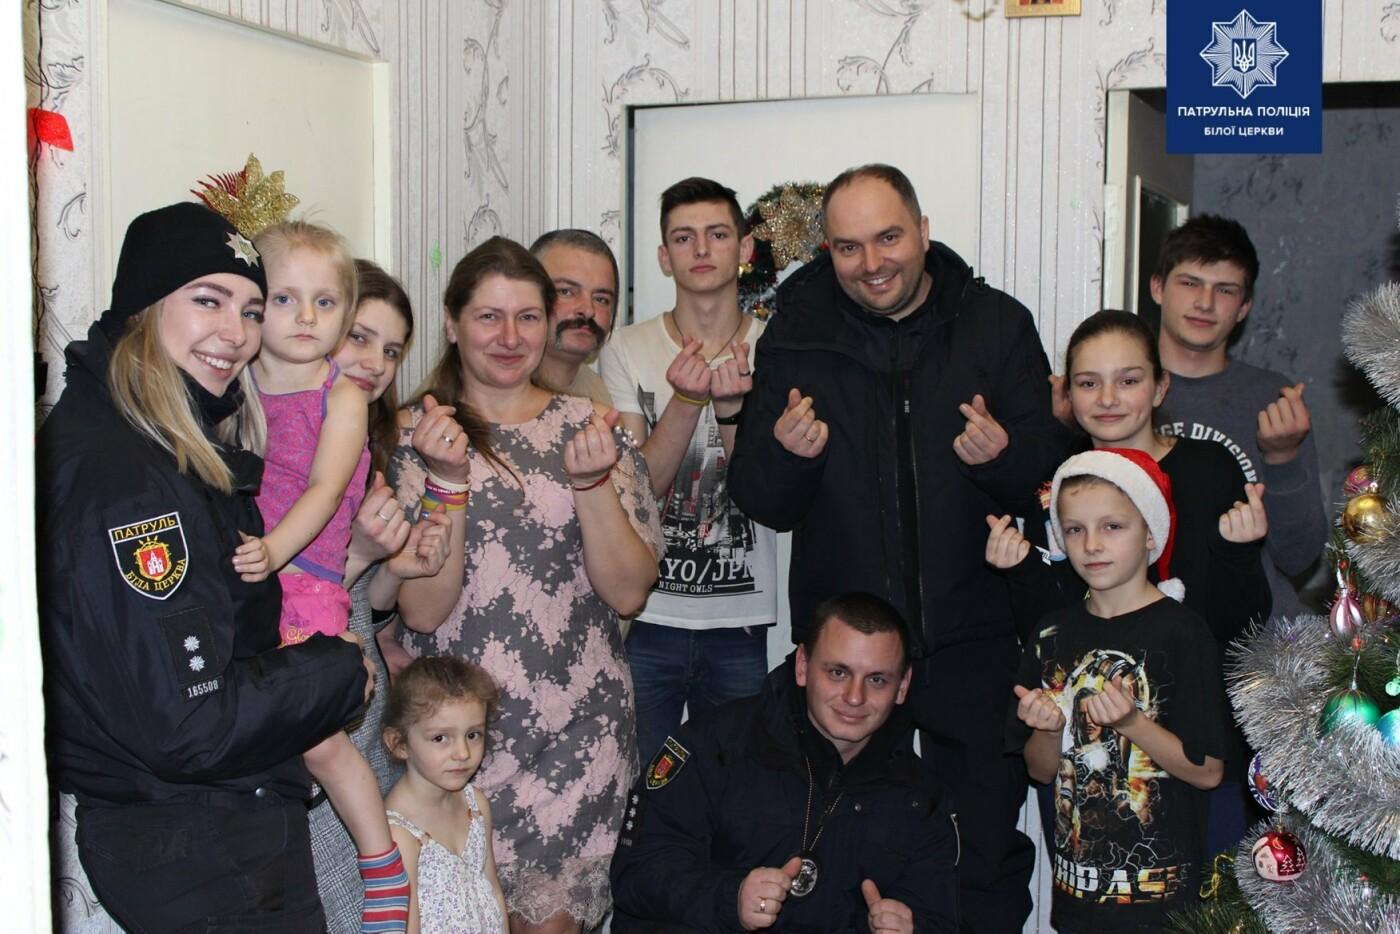 Білоцерківські патрульні та патрульний капелан привітали діток зі святами, фото-7